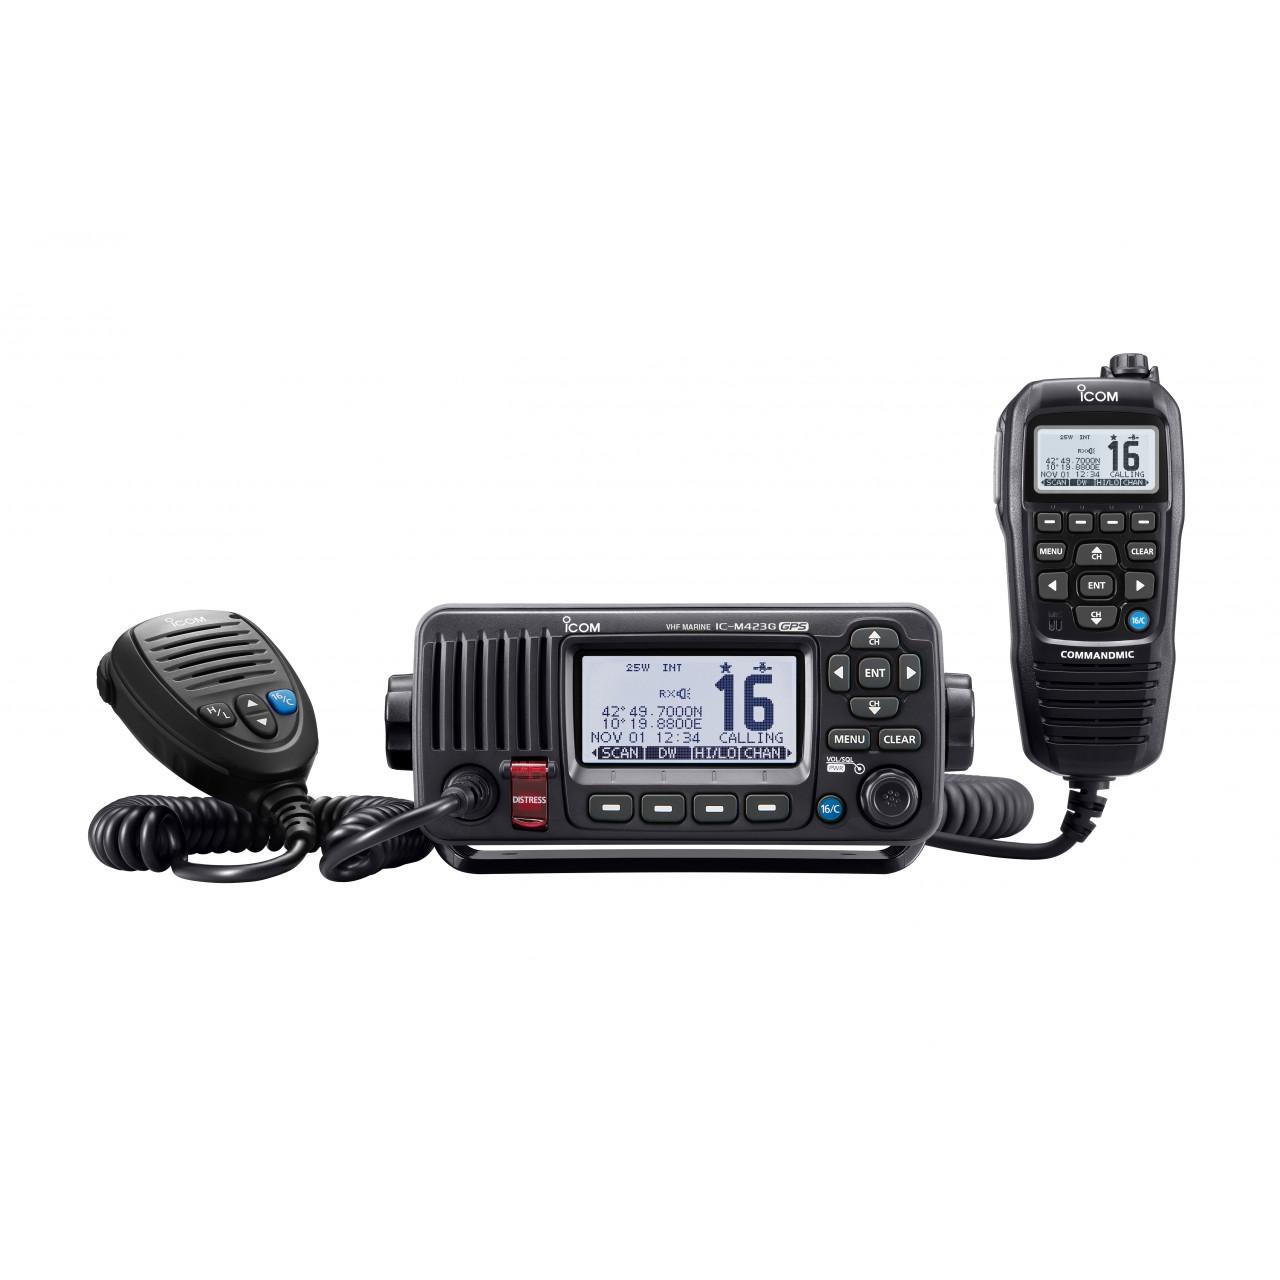 IC-M423GE avec microphone HM-195GW noir